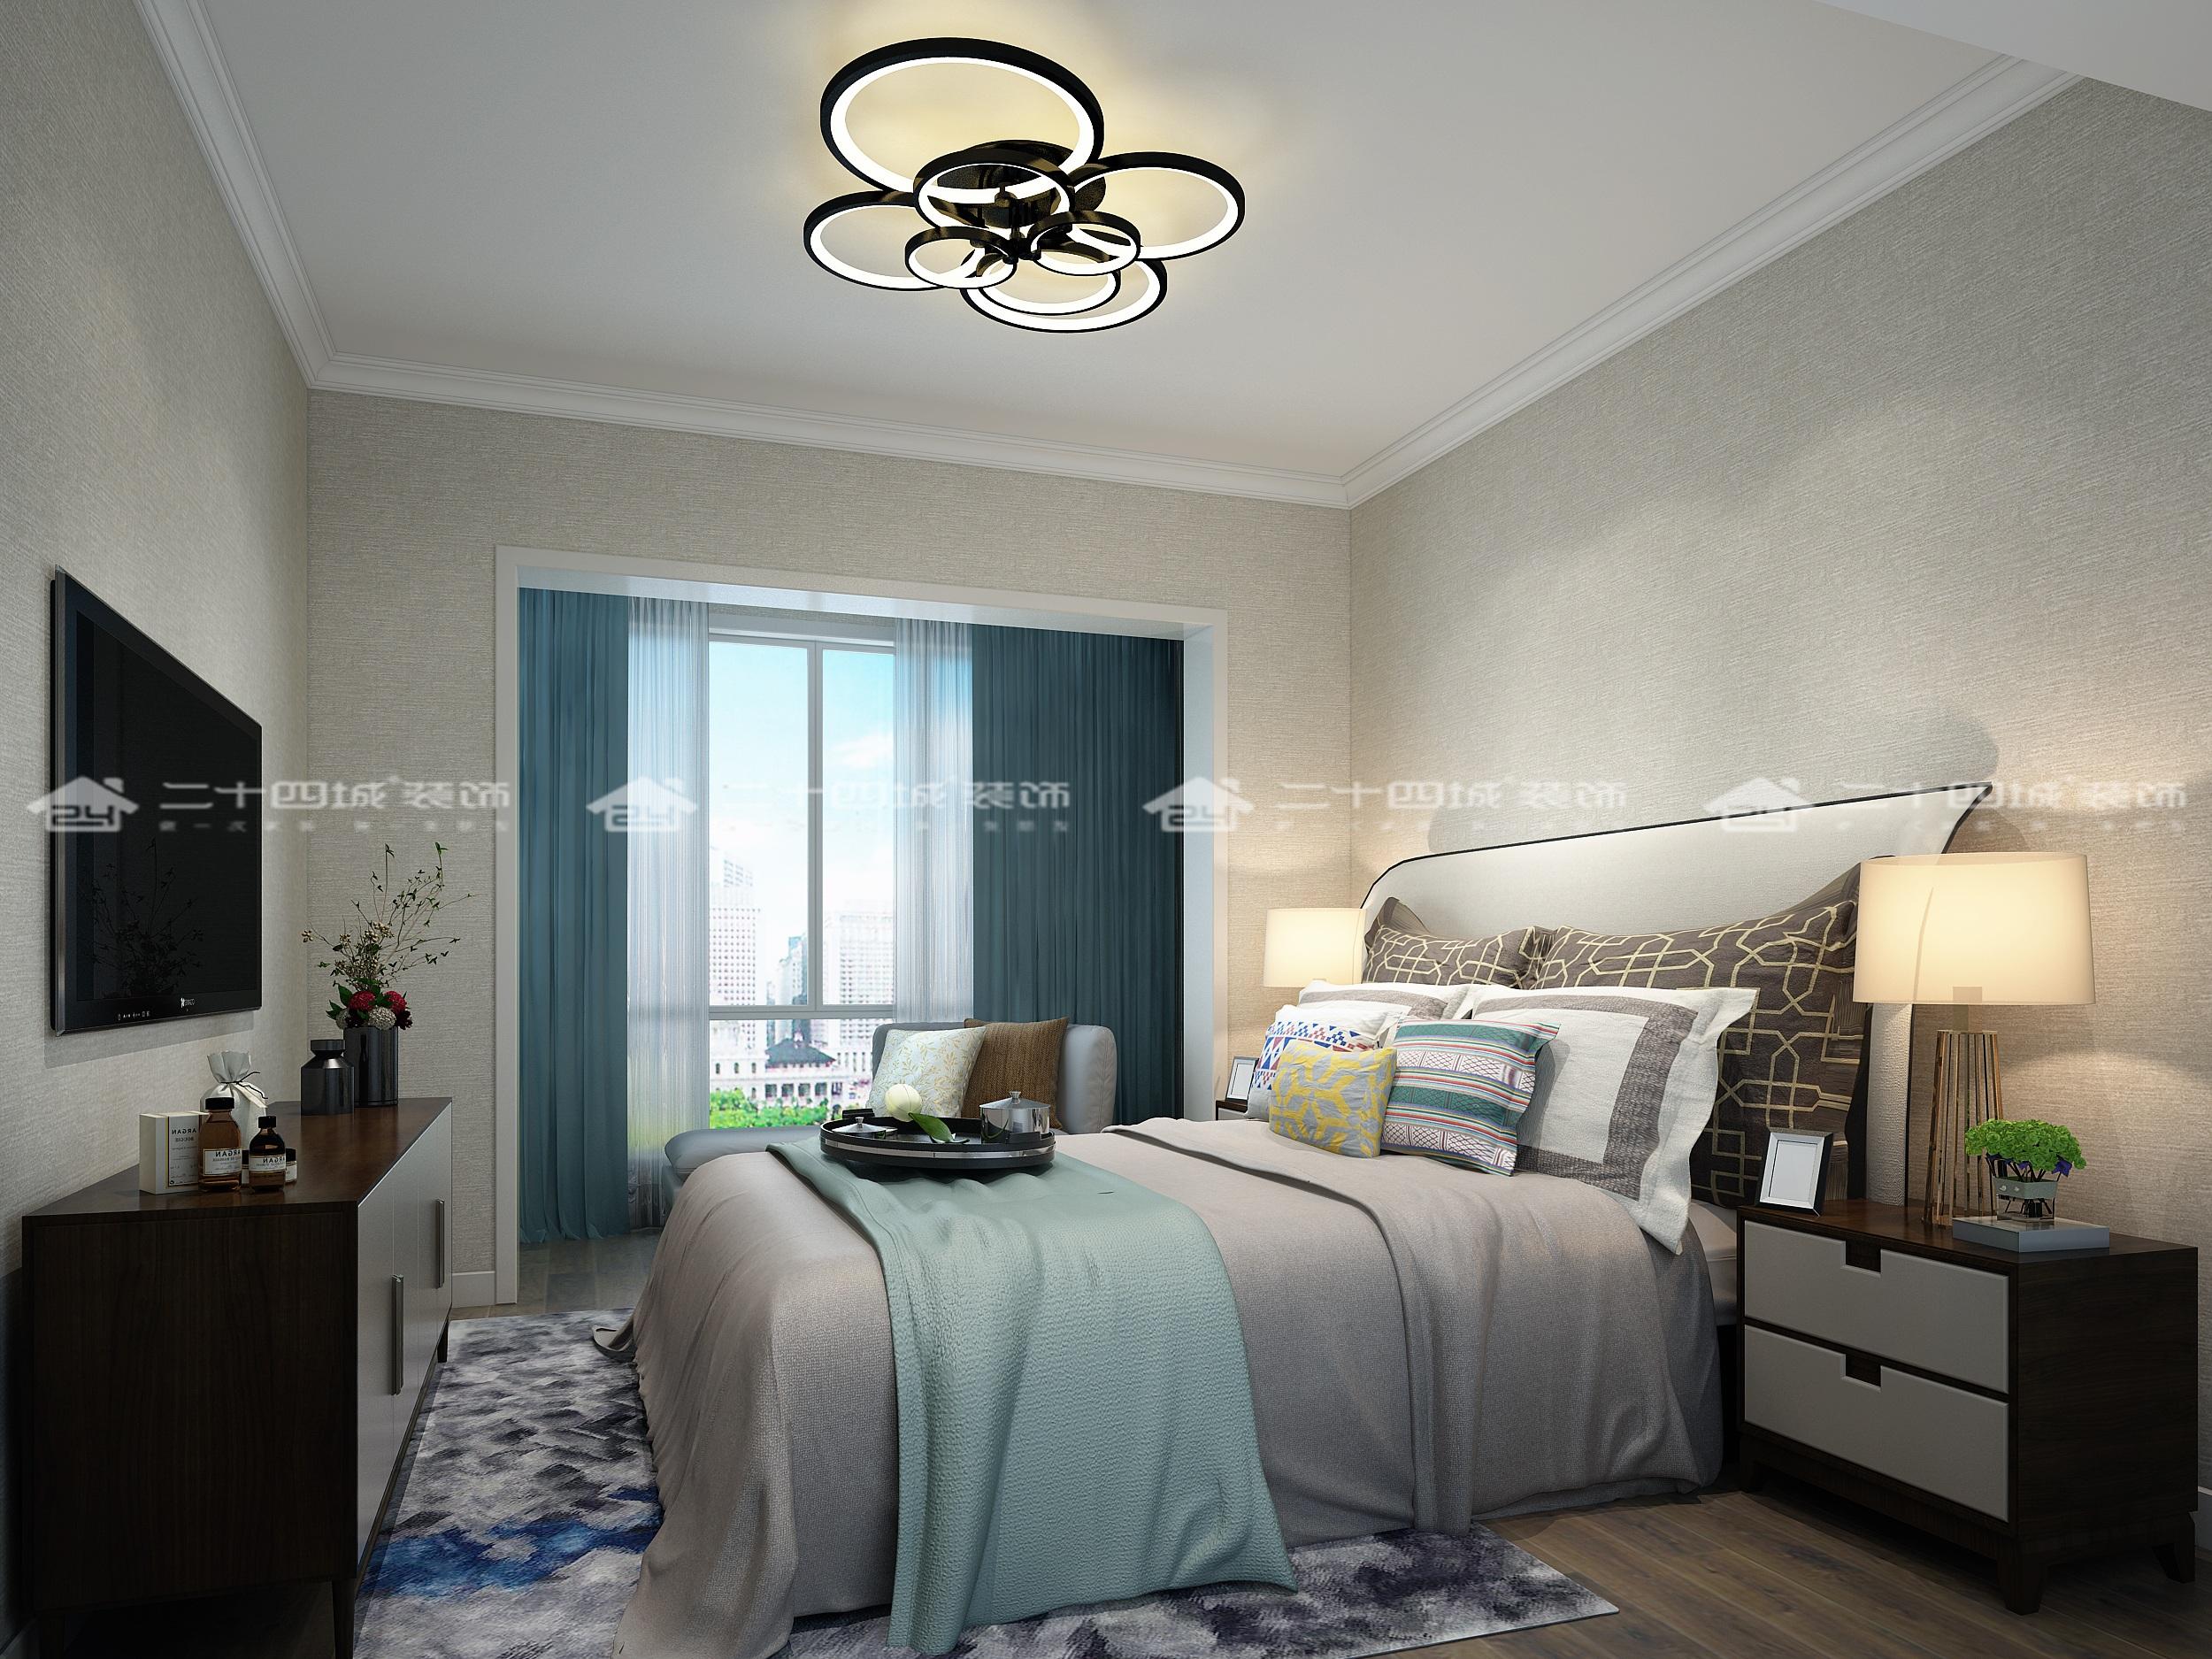 现代轻奢 轻奢法式 混搭 未来家 白领 小资 温馨 舒适 收纳 卧室图片来自二十四城装饰(集团)昆明公司在蓝光·林肯公园  现代轻奢法式的分享